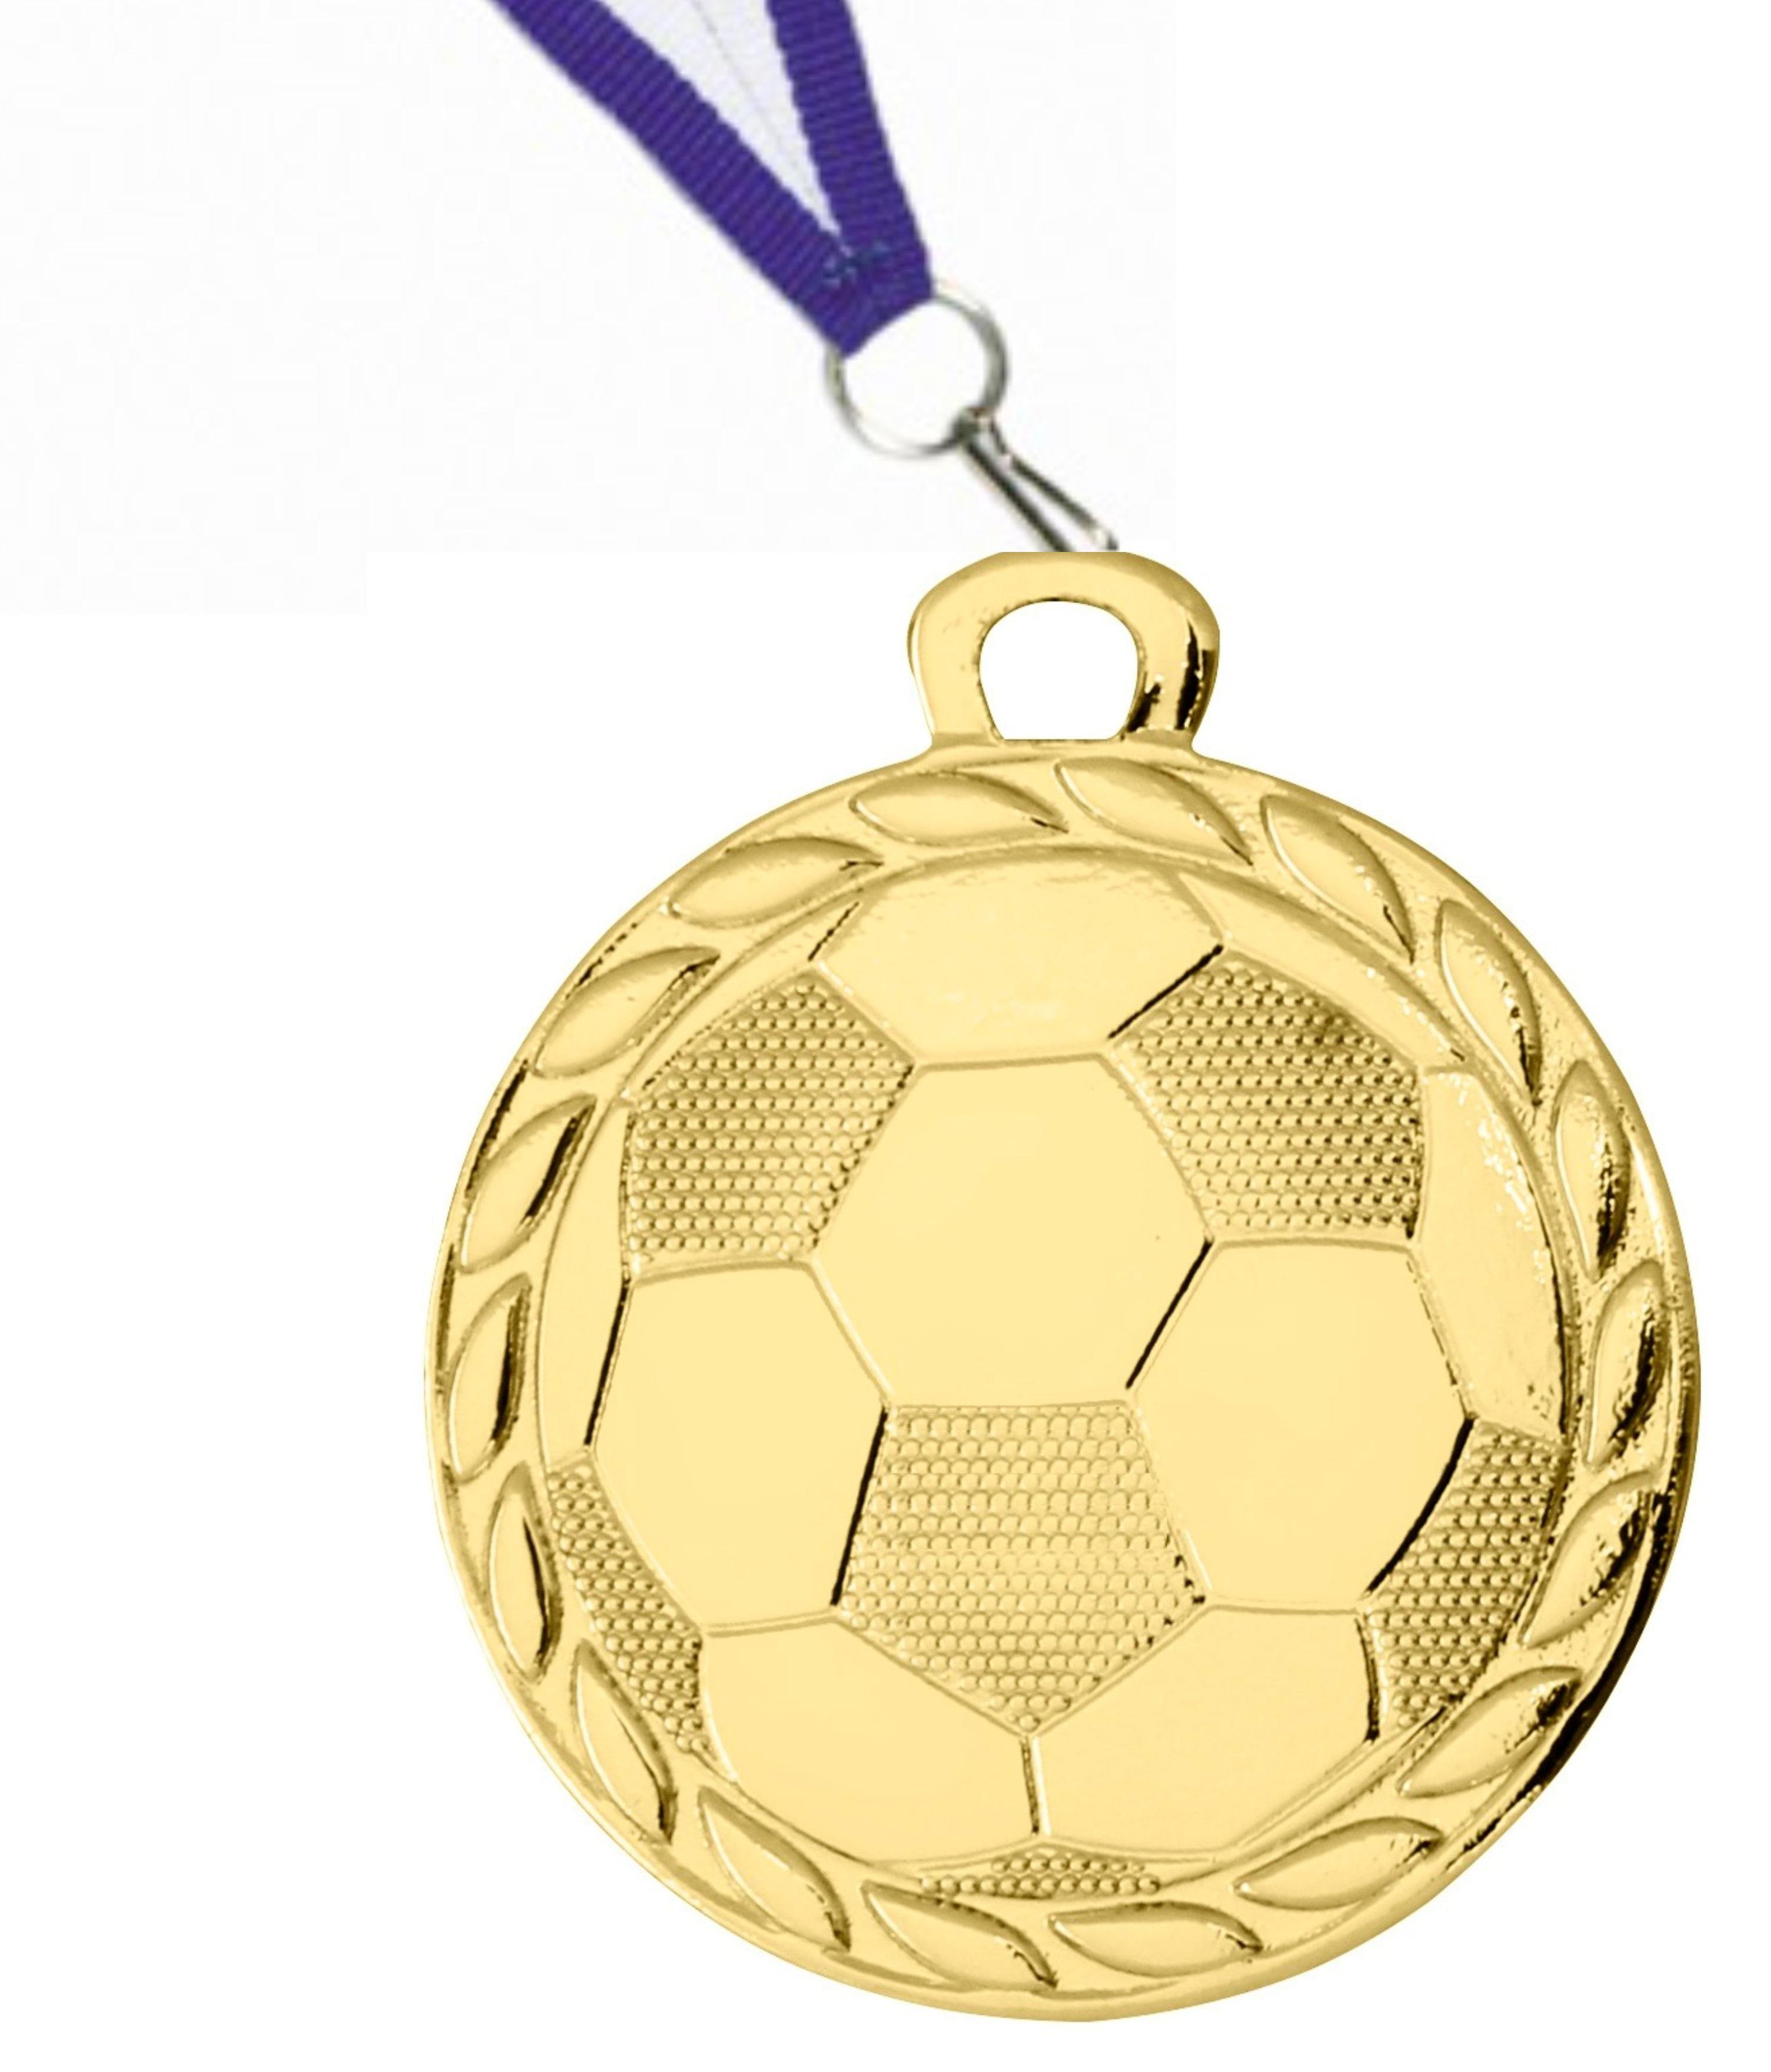 D4A Pokale & Preise 10 Fußball-Medaillen mit Deutschland-Bändern